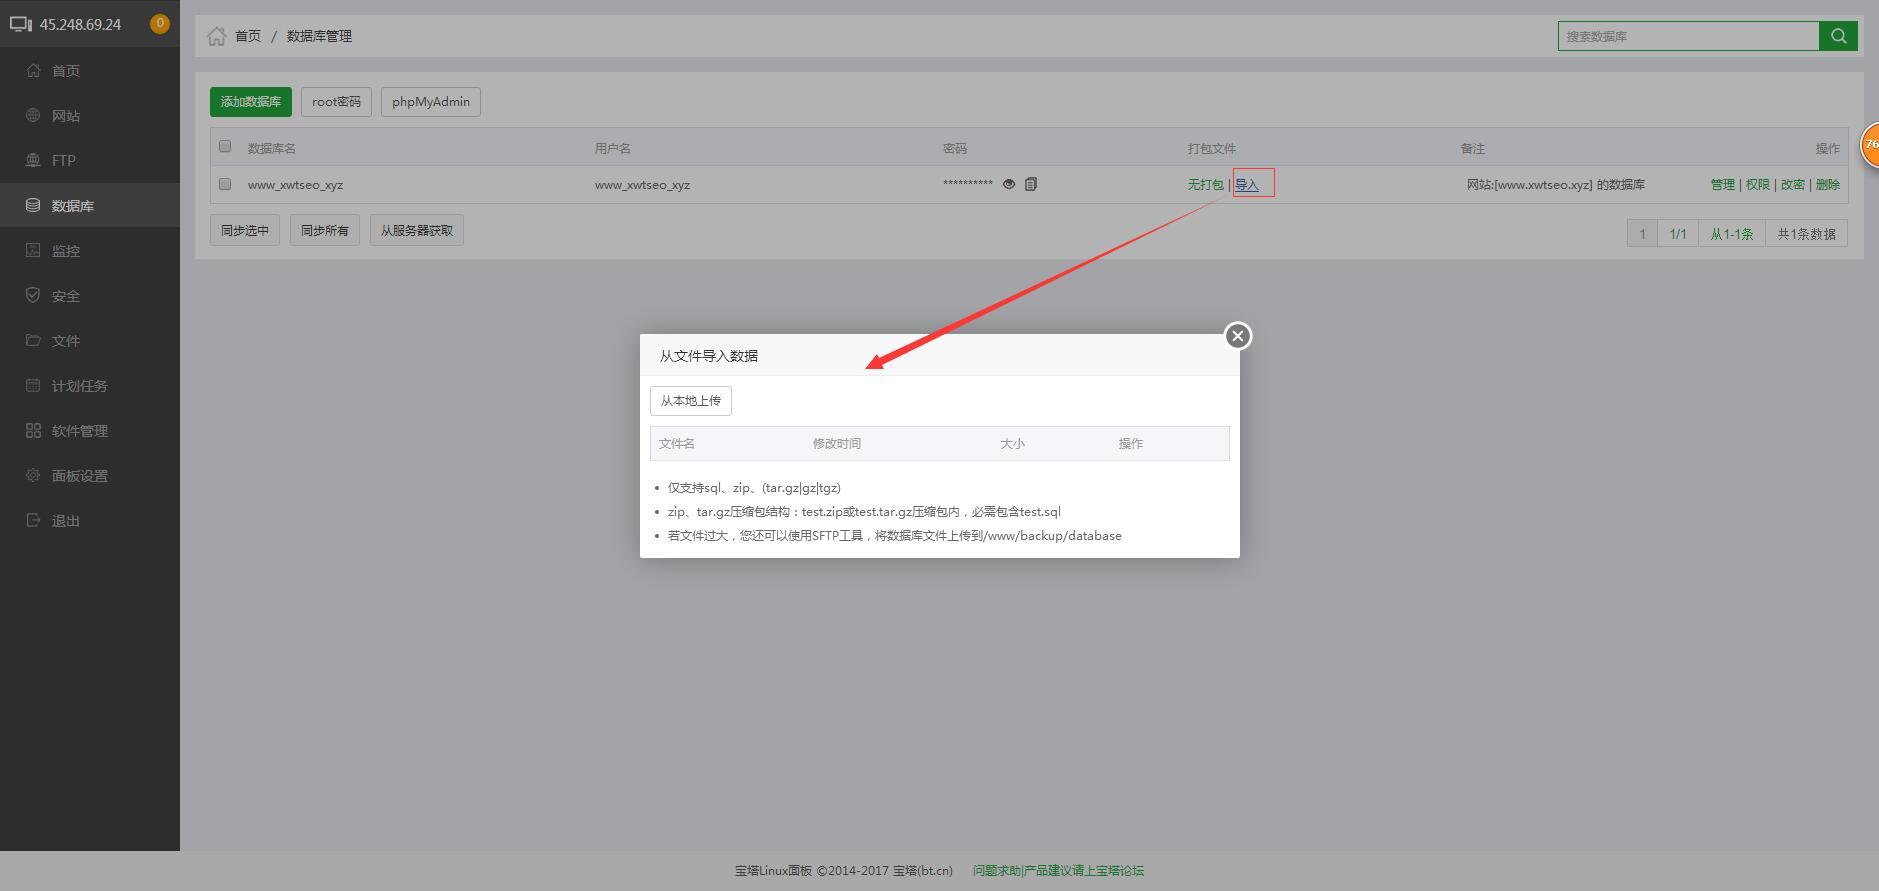 宝塔数据库管理界面